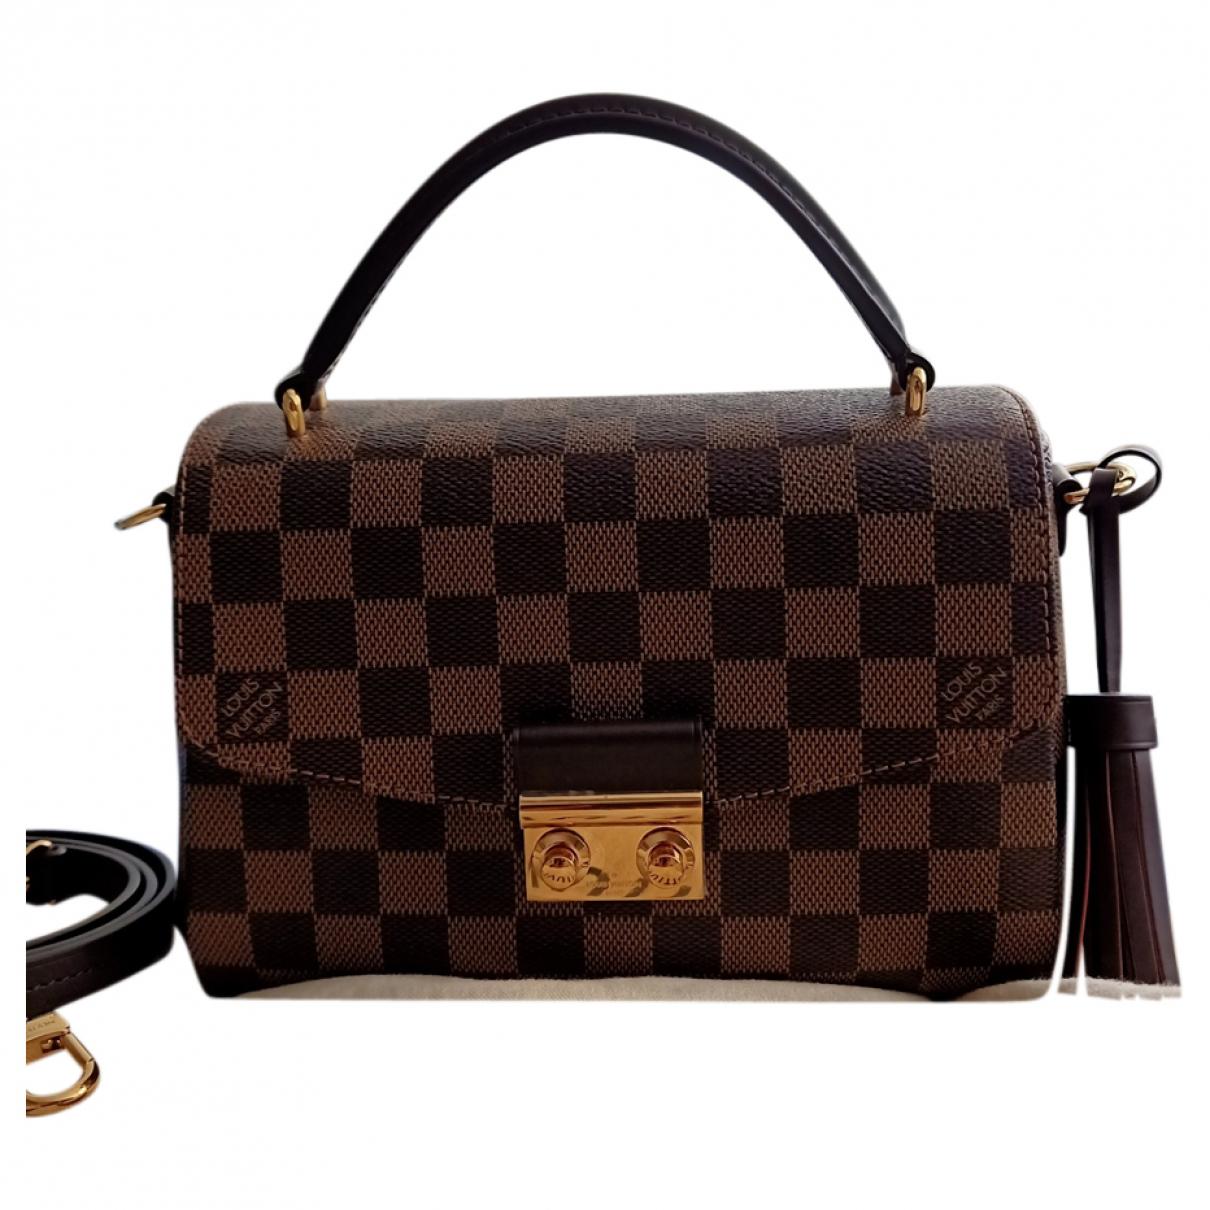 Bolso  Croisette de Lona Louis Vuitton